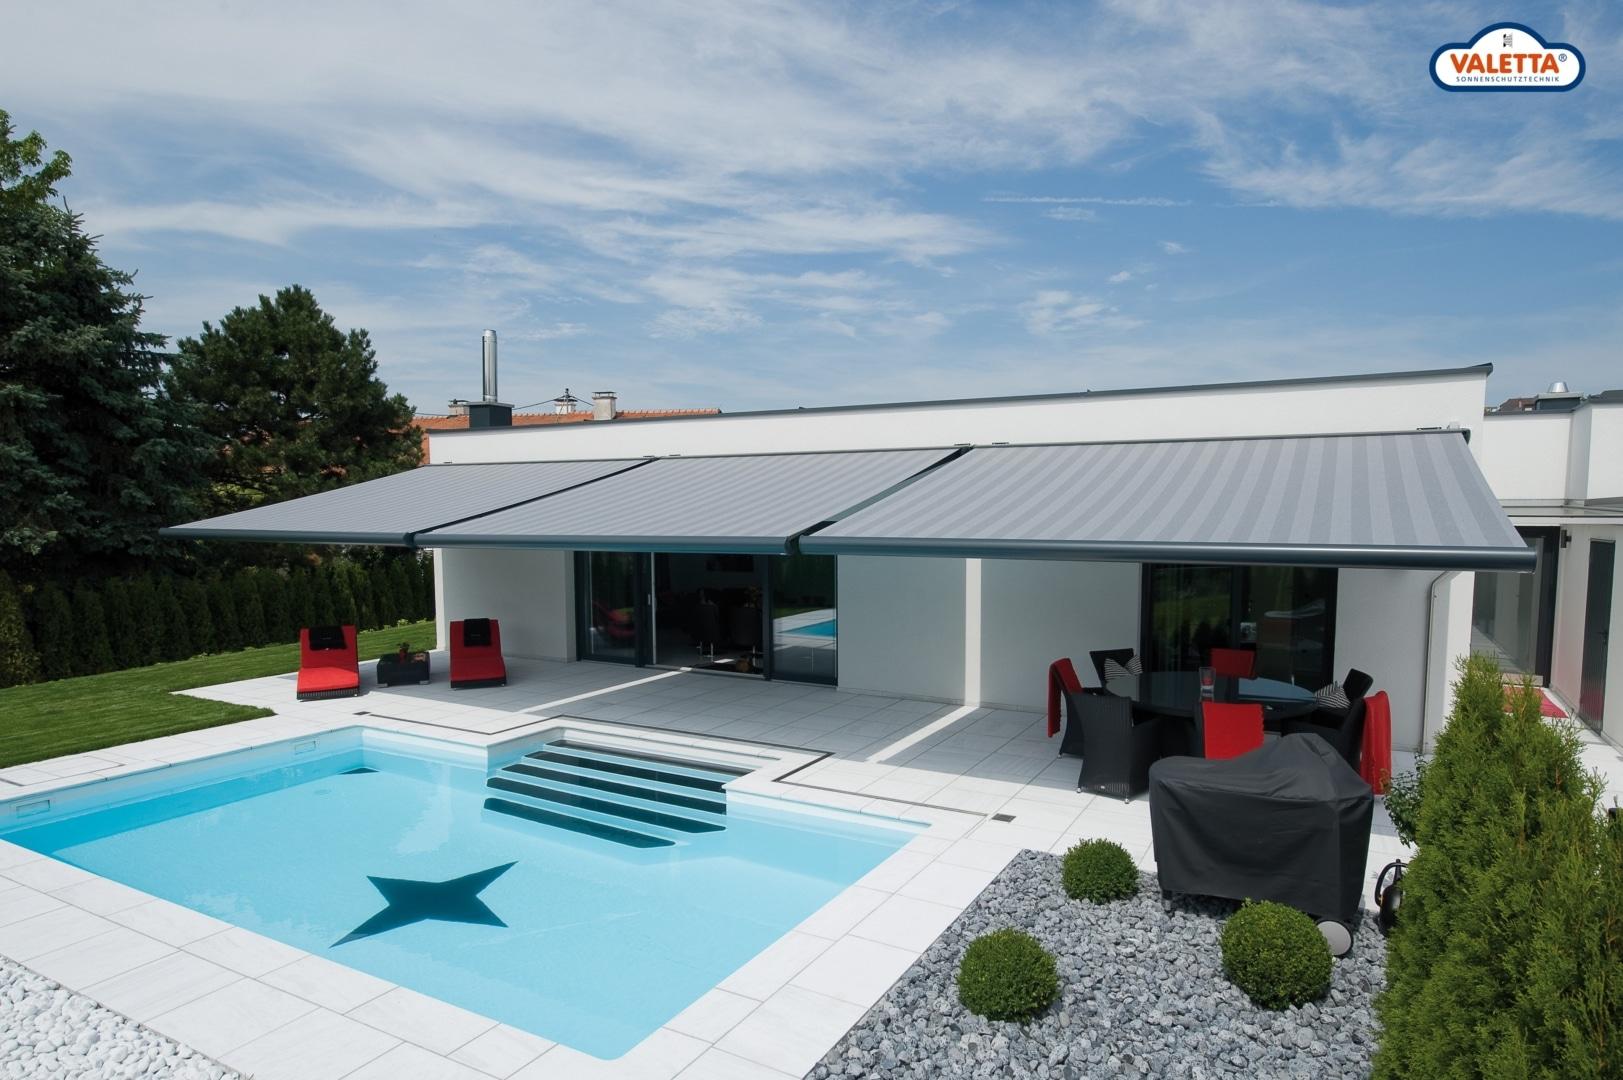 Sonnenschutz-Pool